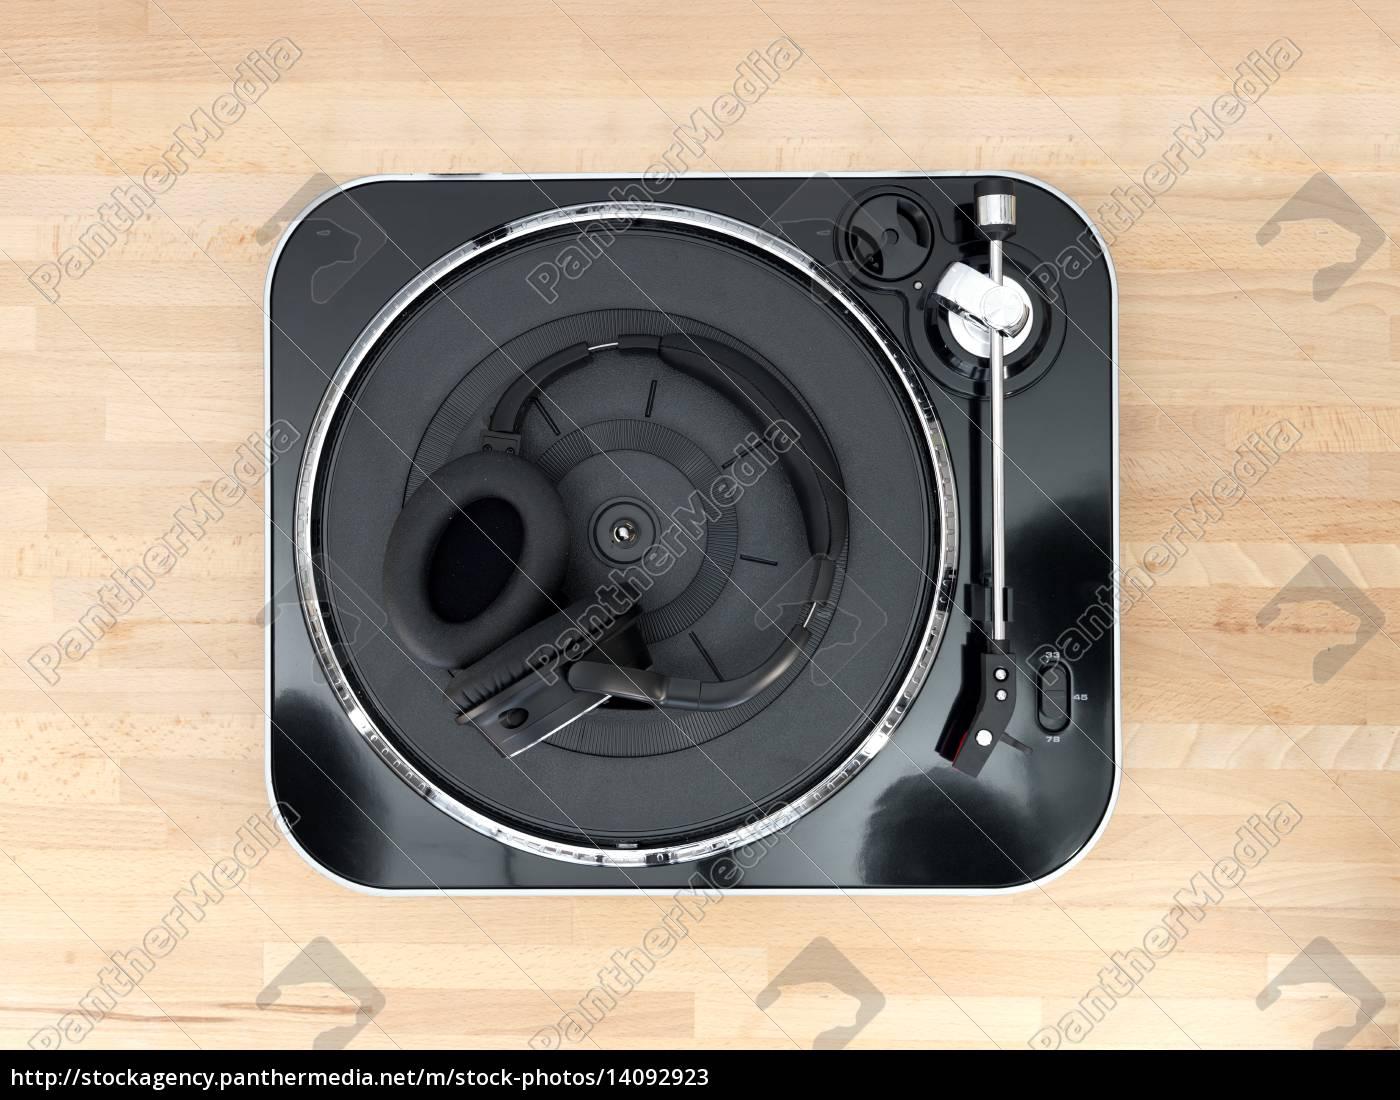 turntable - 14092923